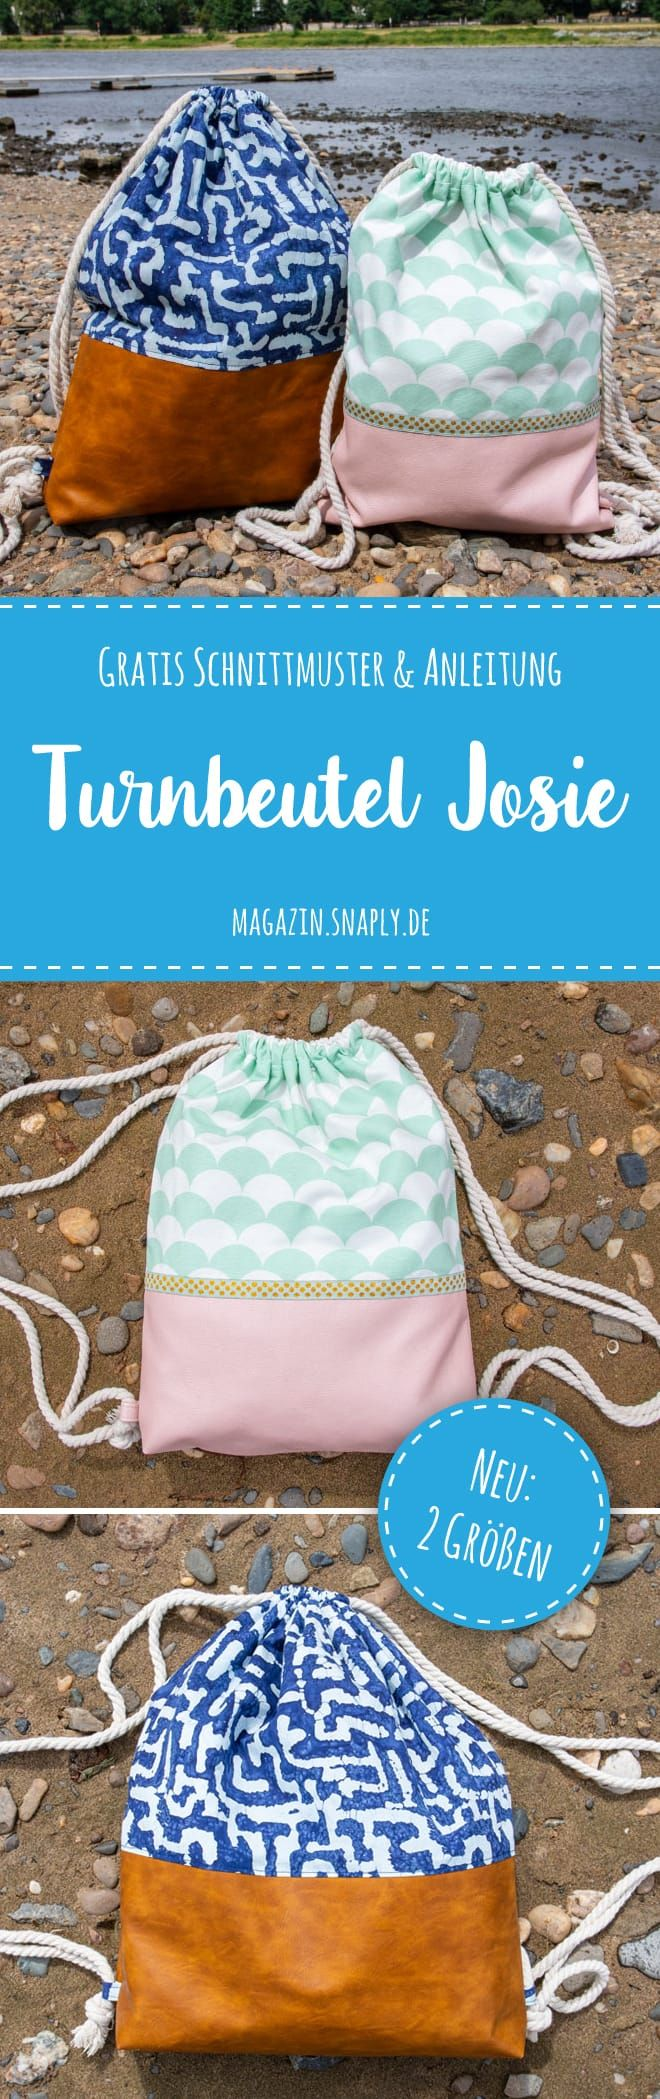 Kostenloses Schnittmuster: Turnbeutel Josie und Big Josie | Snaply-Magazin #crochetmotif